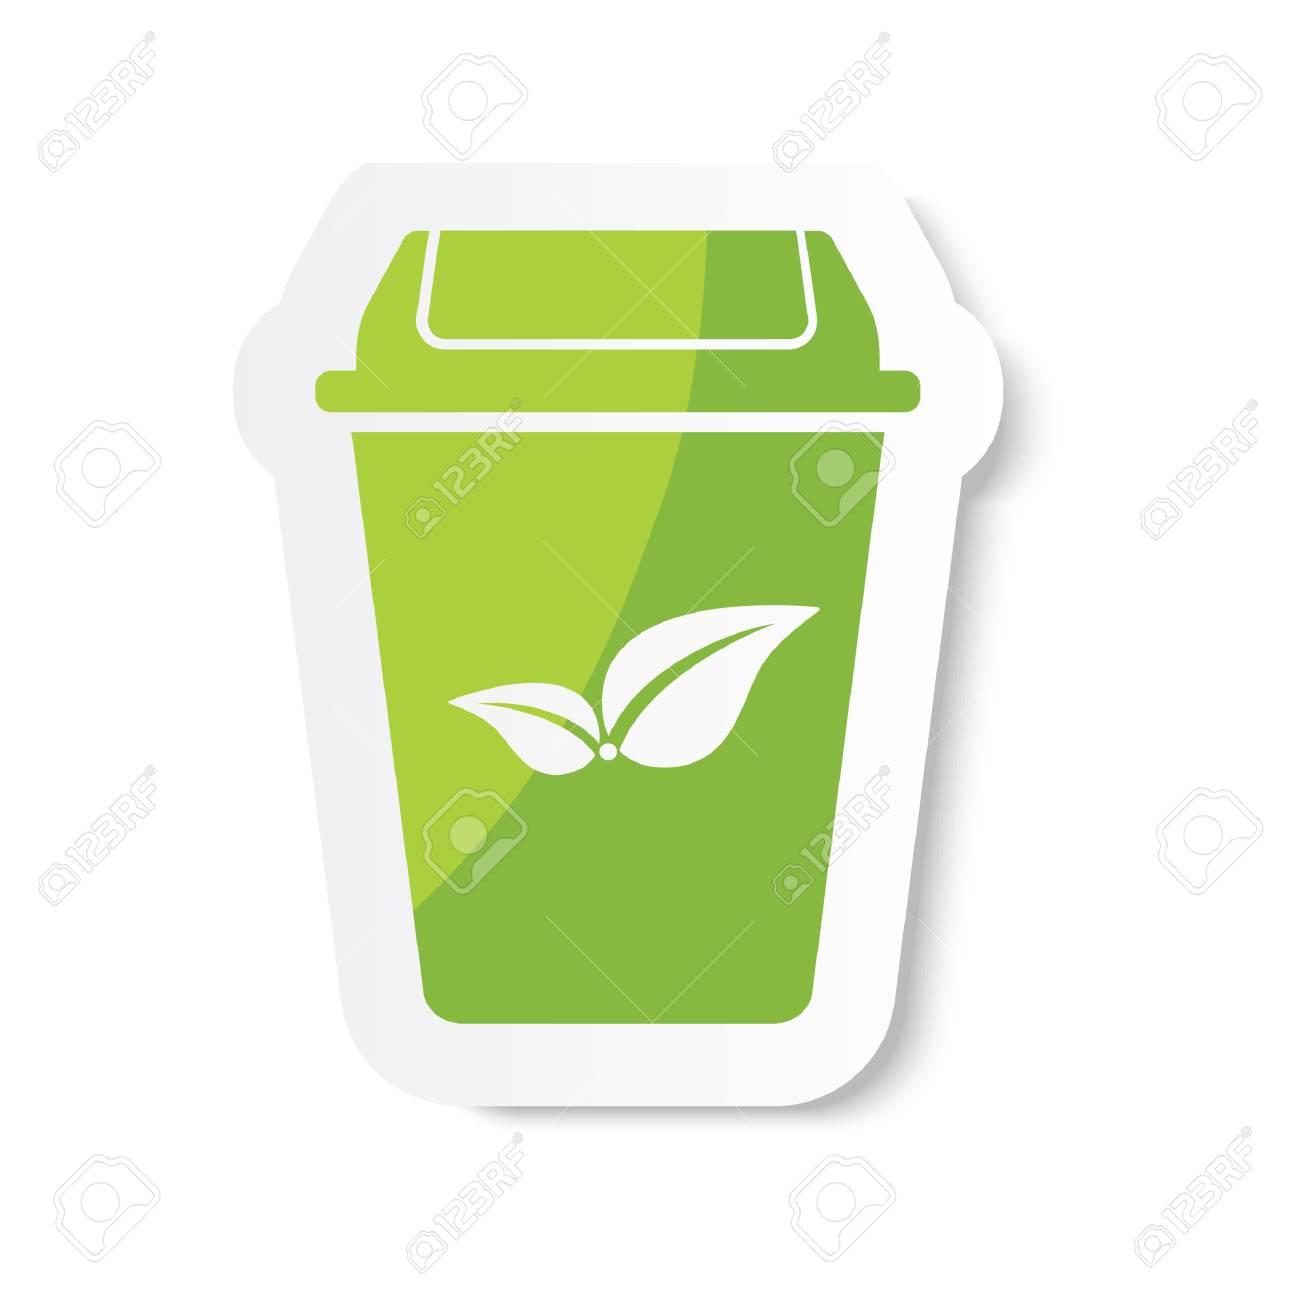 trash bin - 106673036